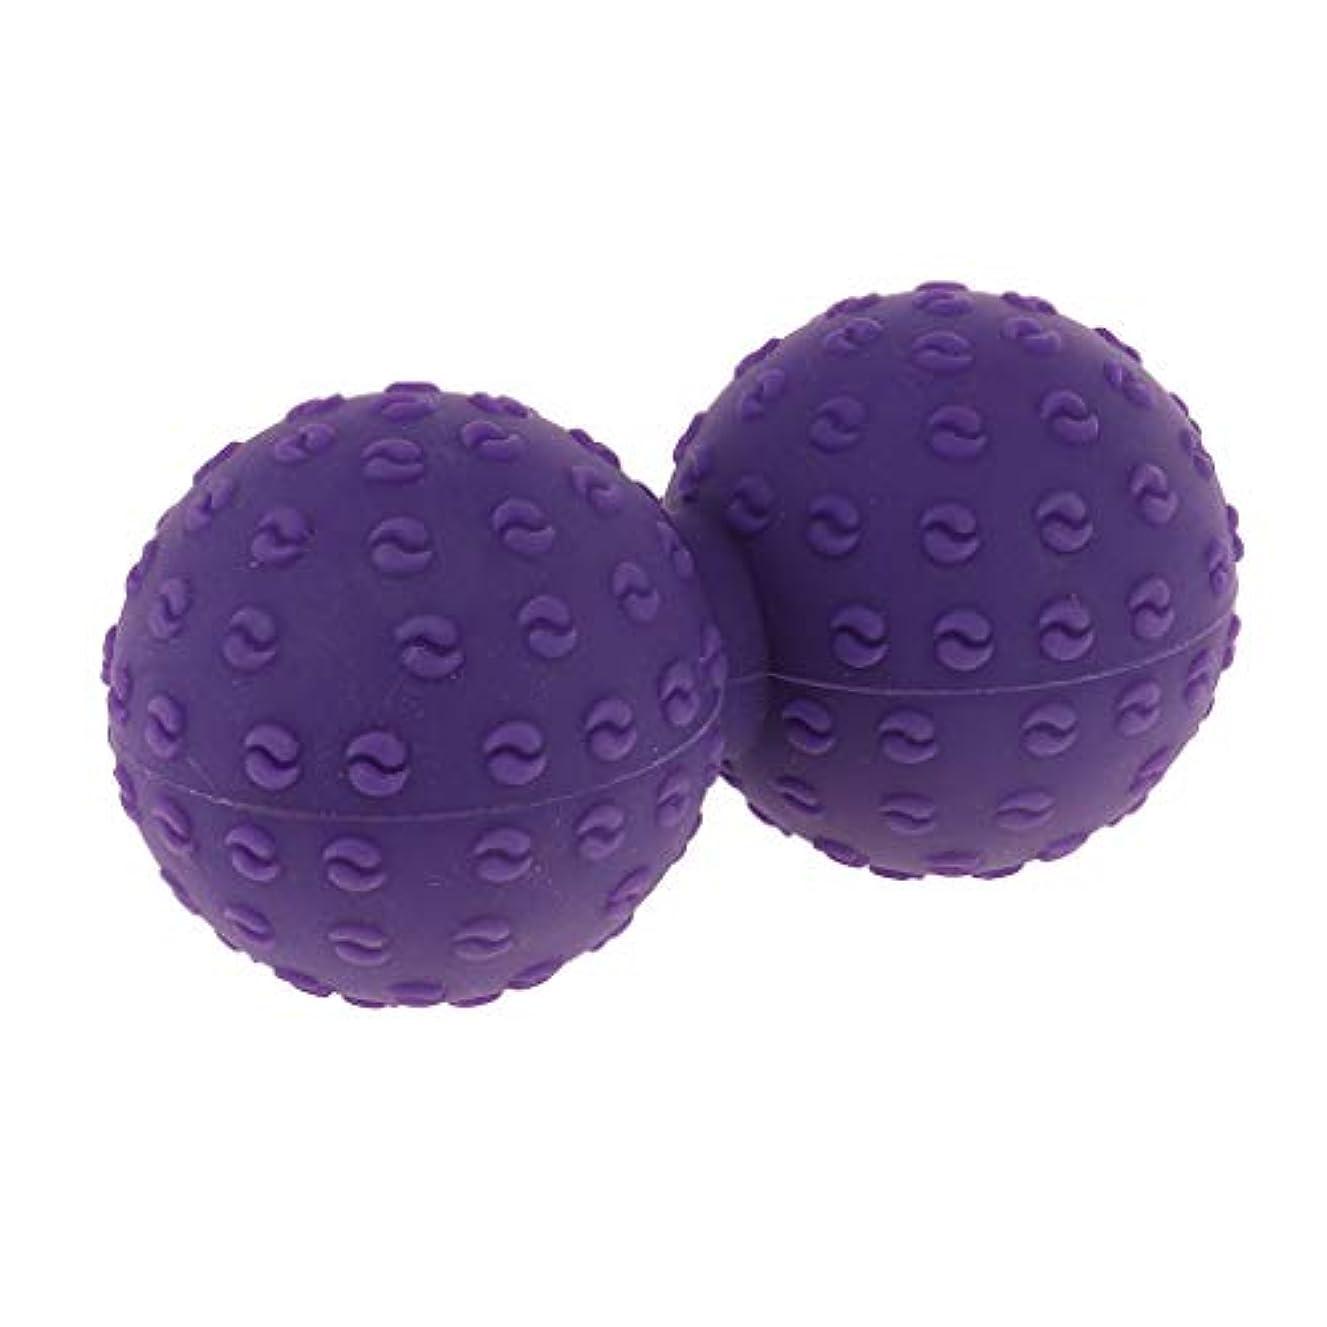 振るう読みやすい作成するシリコンマッサージボール 指圧ボール ピーナッツ トリガーポイント ツボ押しグッズ ヨガ 全6色 - 紫, 説明のとおり